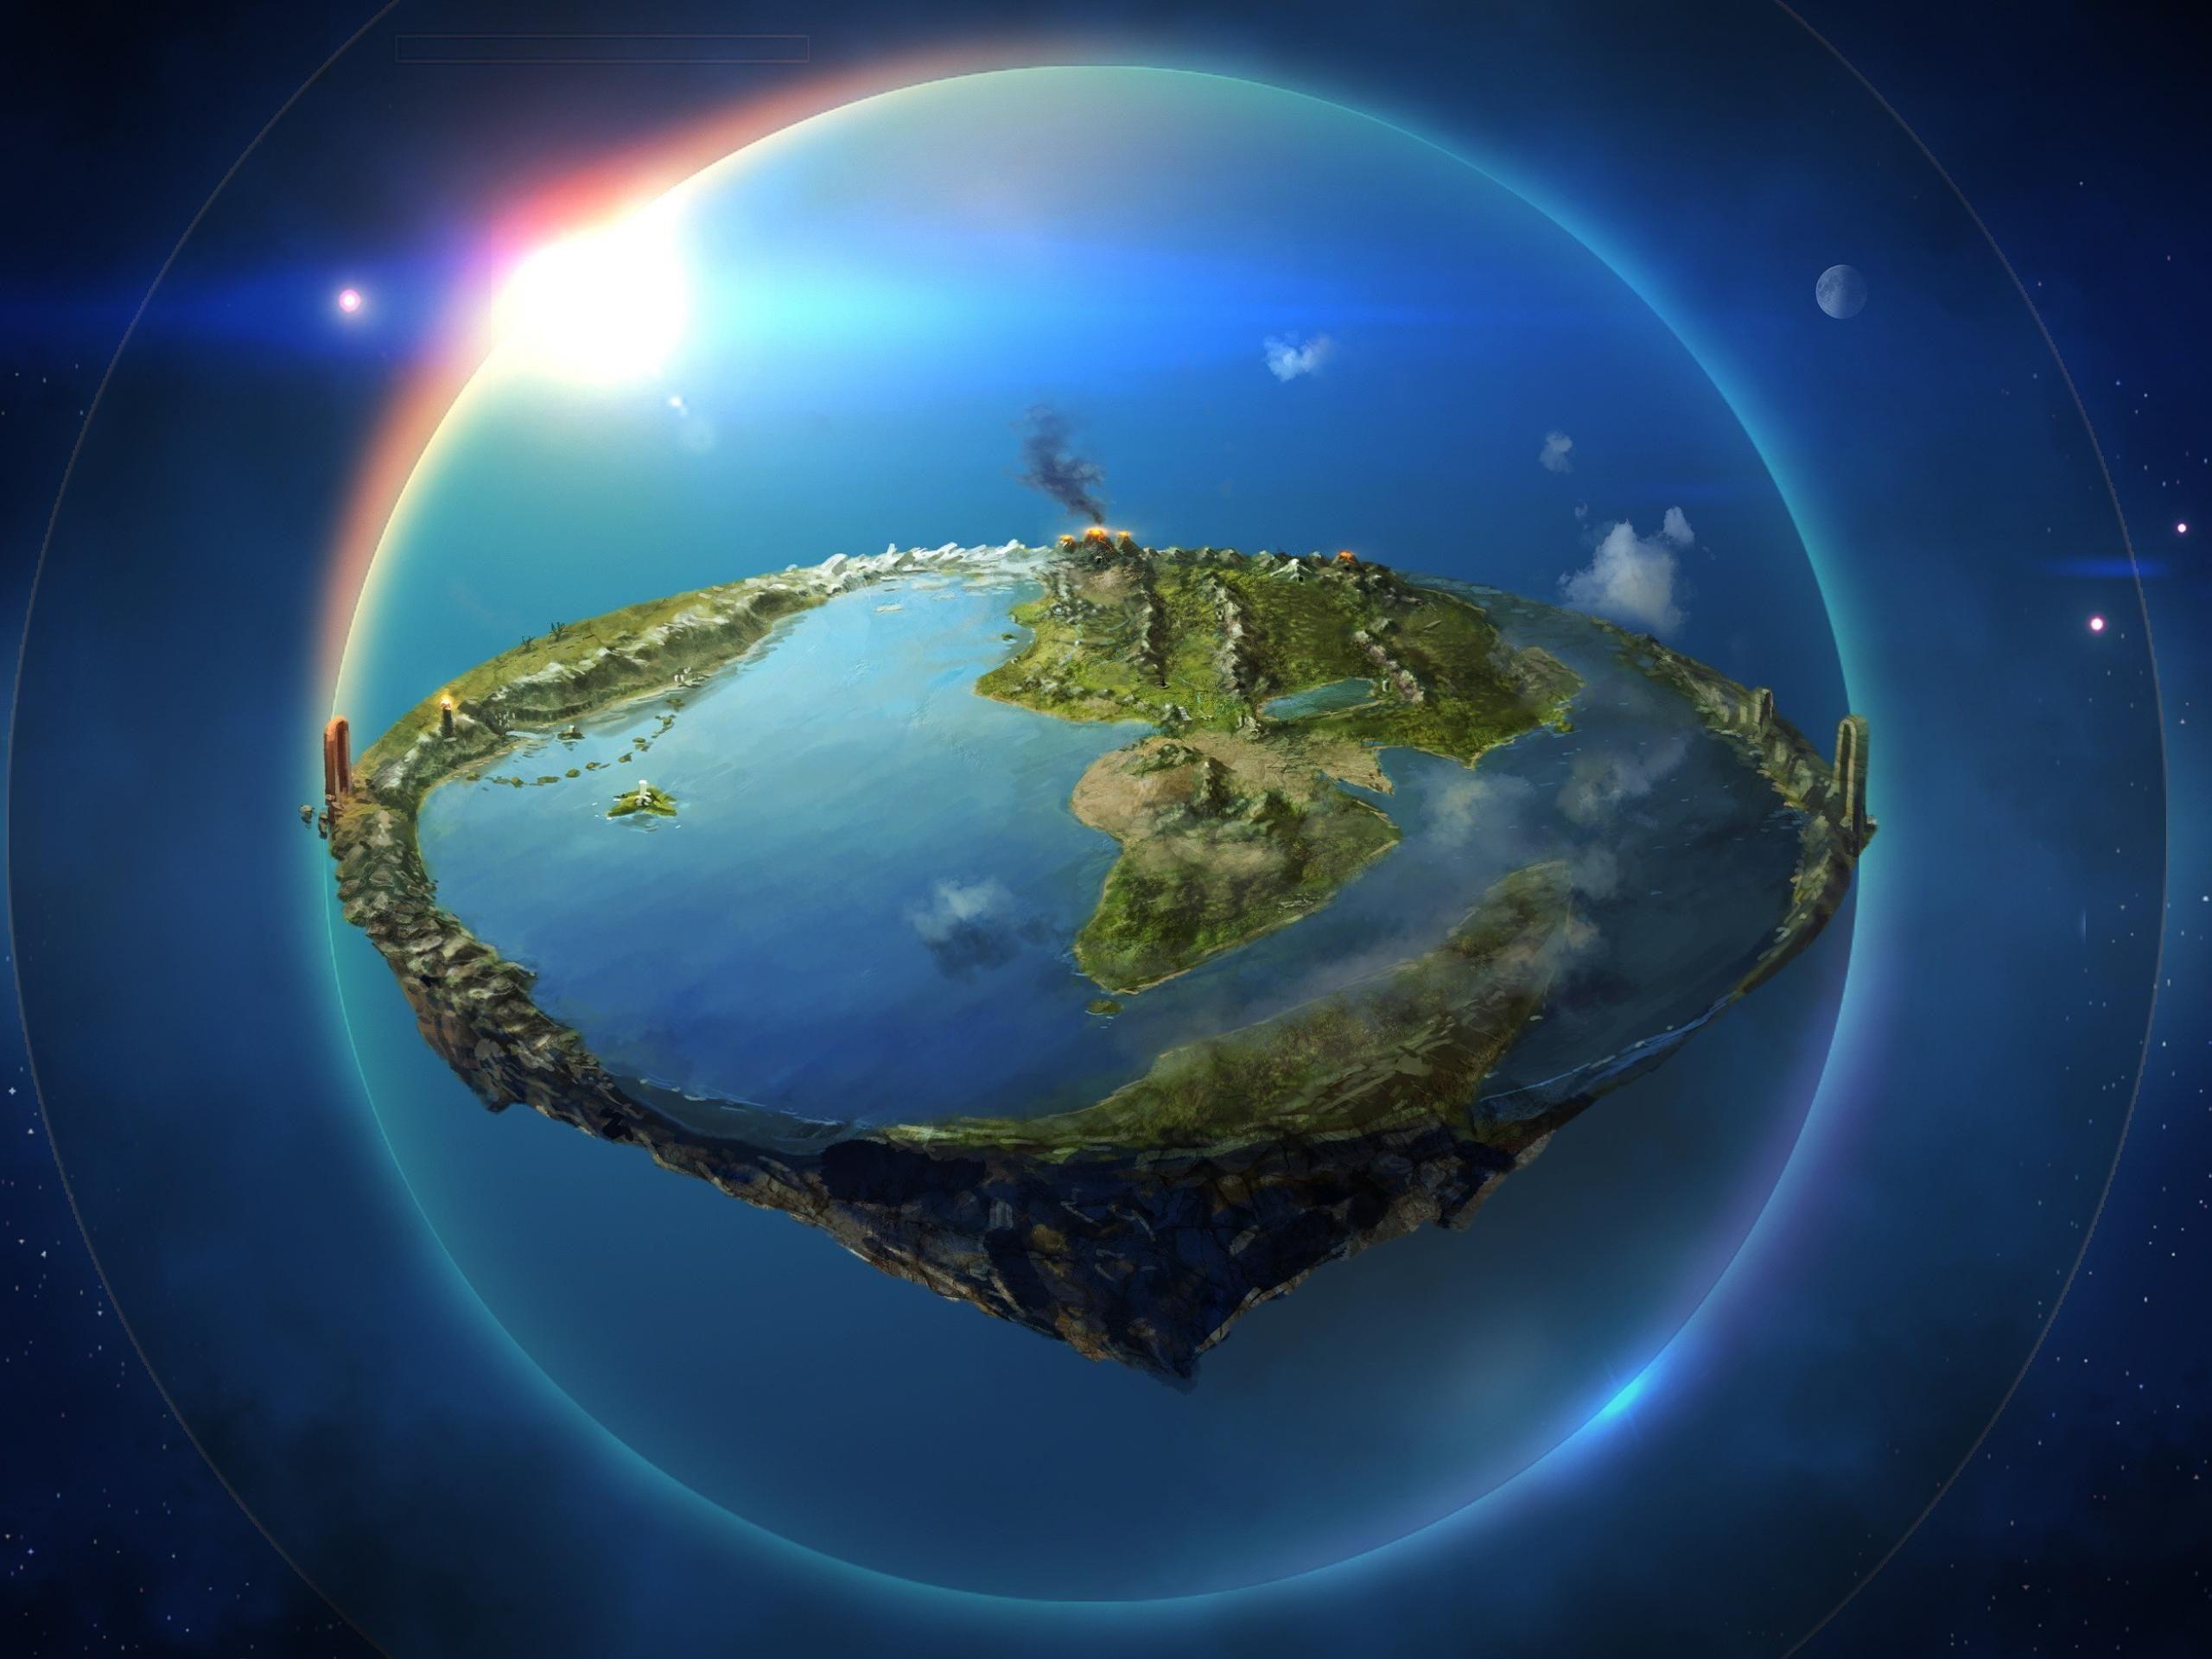 Flat Earth Illustration, Arda, The Silmarillion, The - Eru